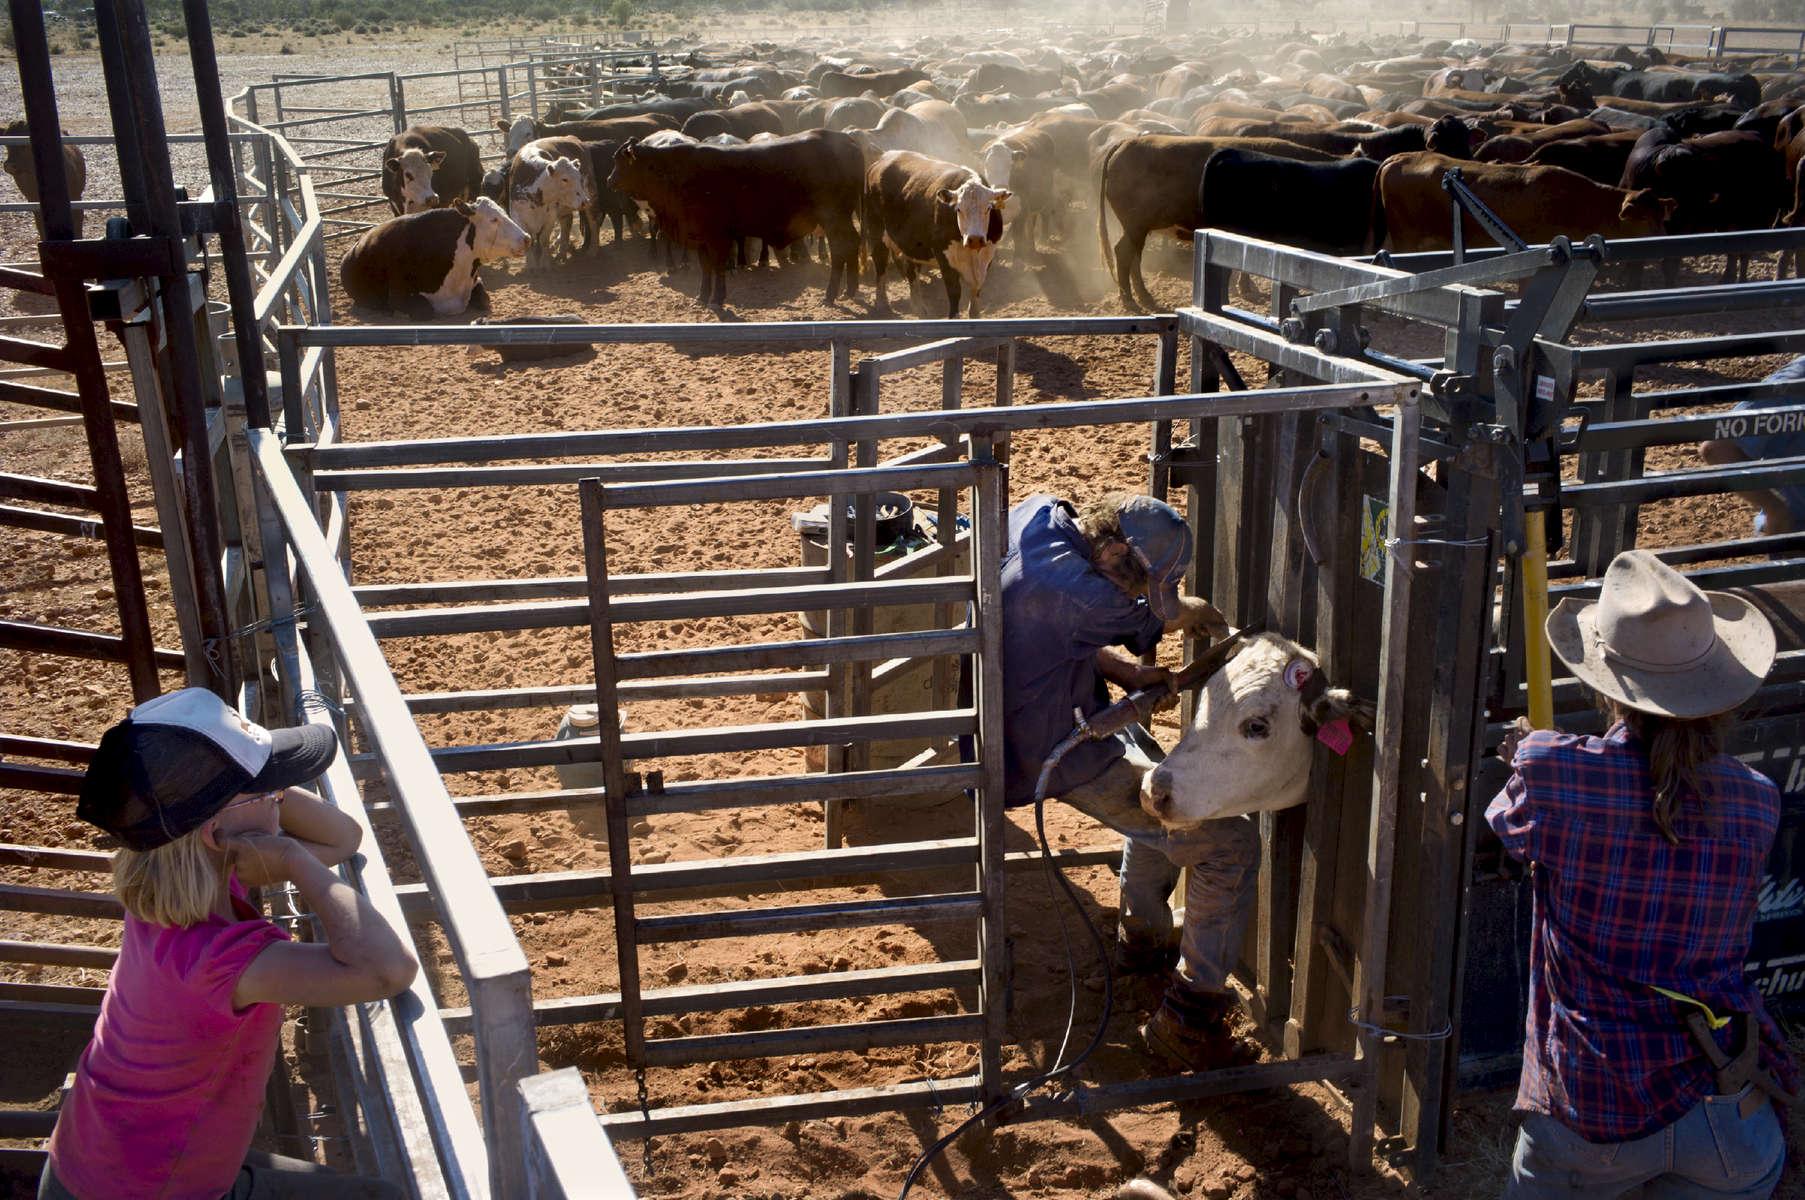 Une fois les bêtes parquées, il faut compter 4 à 5 jours pour les passer une à une afin de les tatouer, les vacciner, leur couper les cornes avant qu'elles ne soient embarquées pour l'abattoir ou redirigées vers un autre pâturage. Il faut compter 4 à 5 ans en pâturage avant d'envoyer les bêtes à l'abattoir. TN,  Australie, 2011.